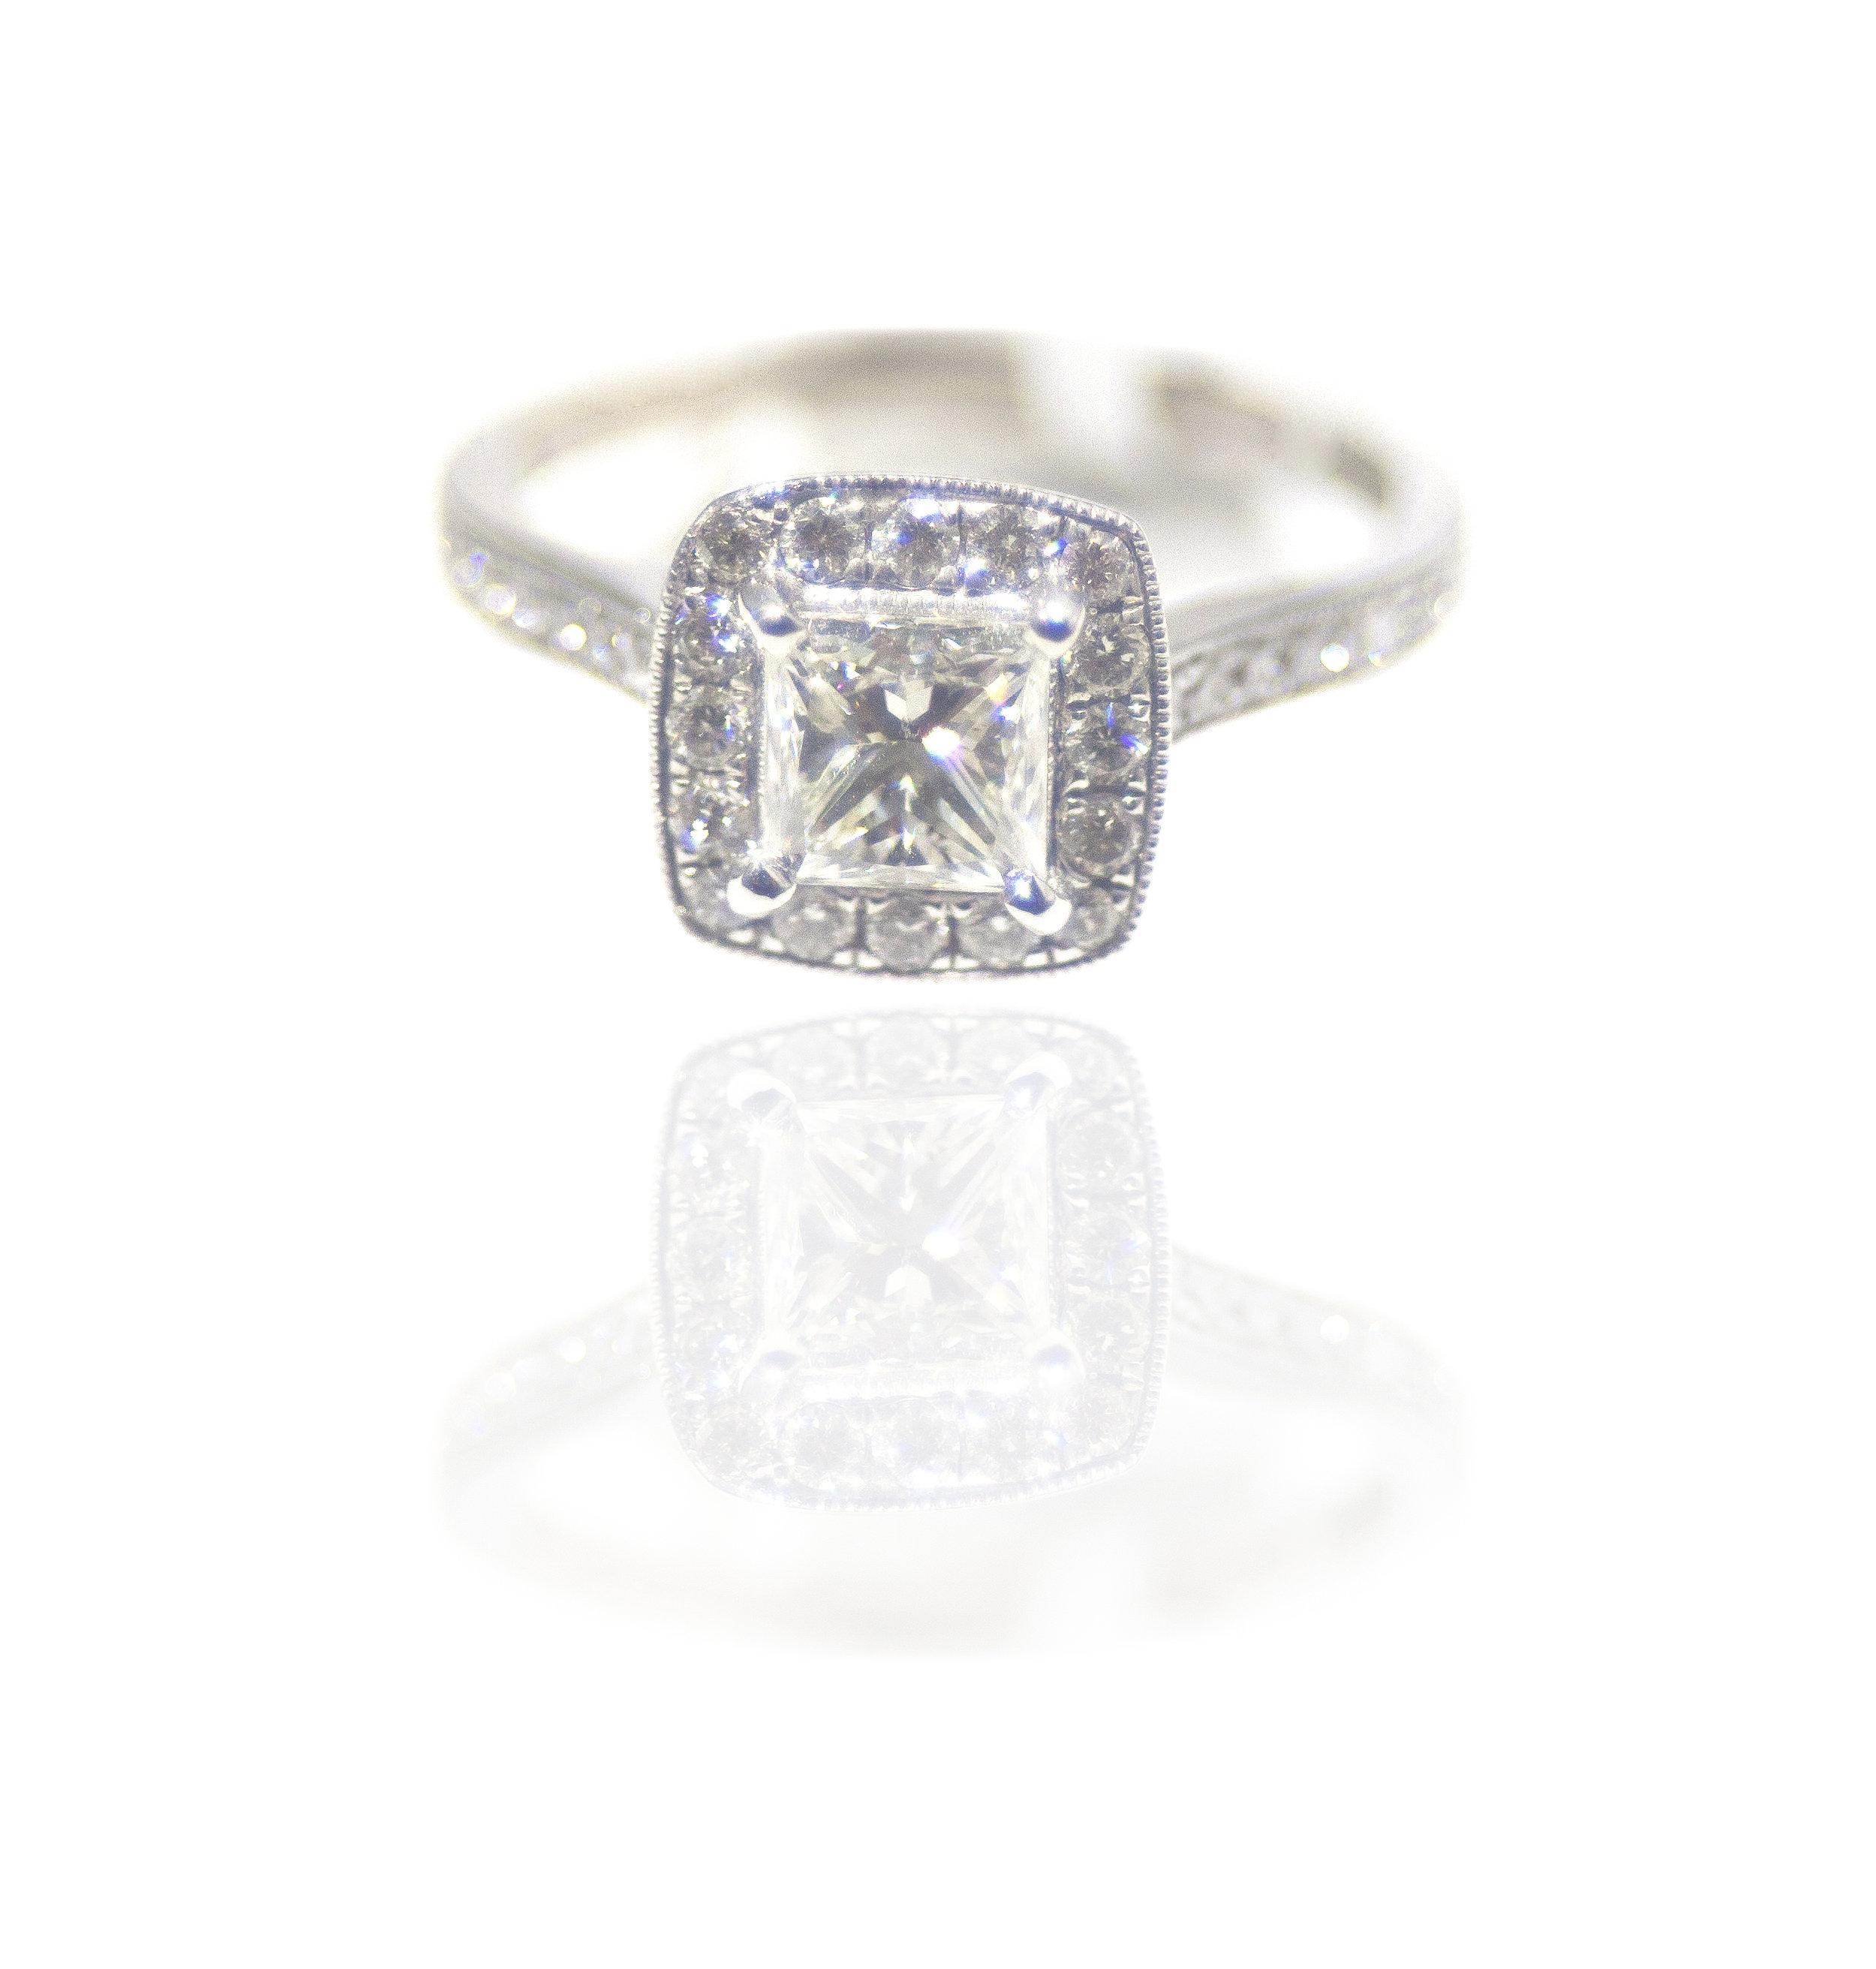 Cushion cut diamond ring!